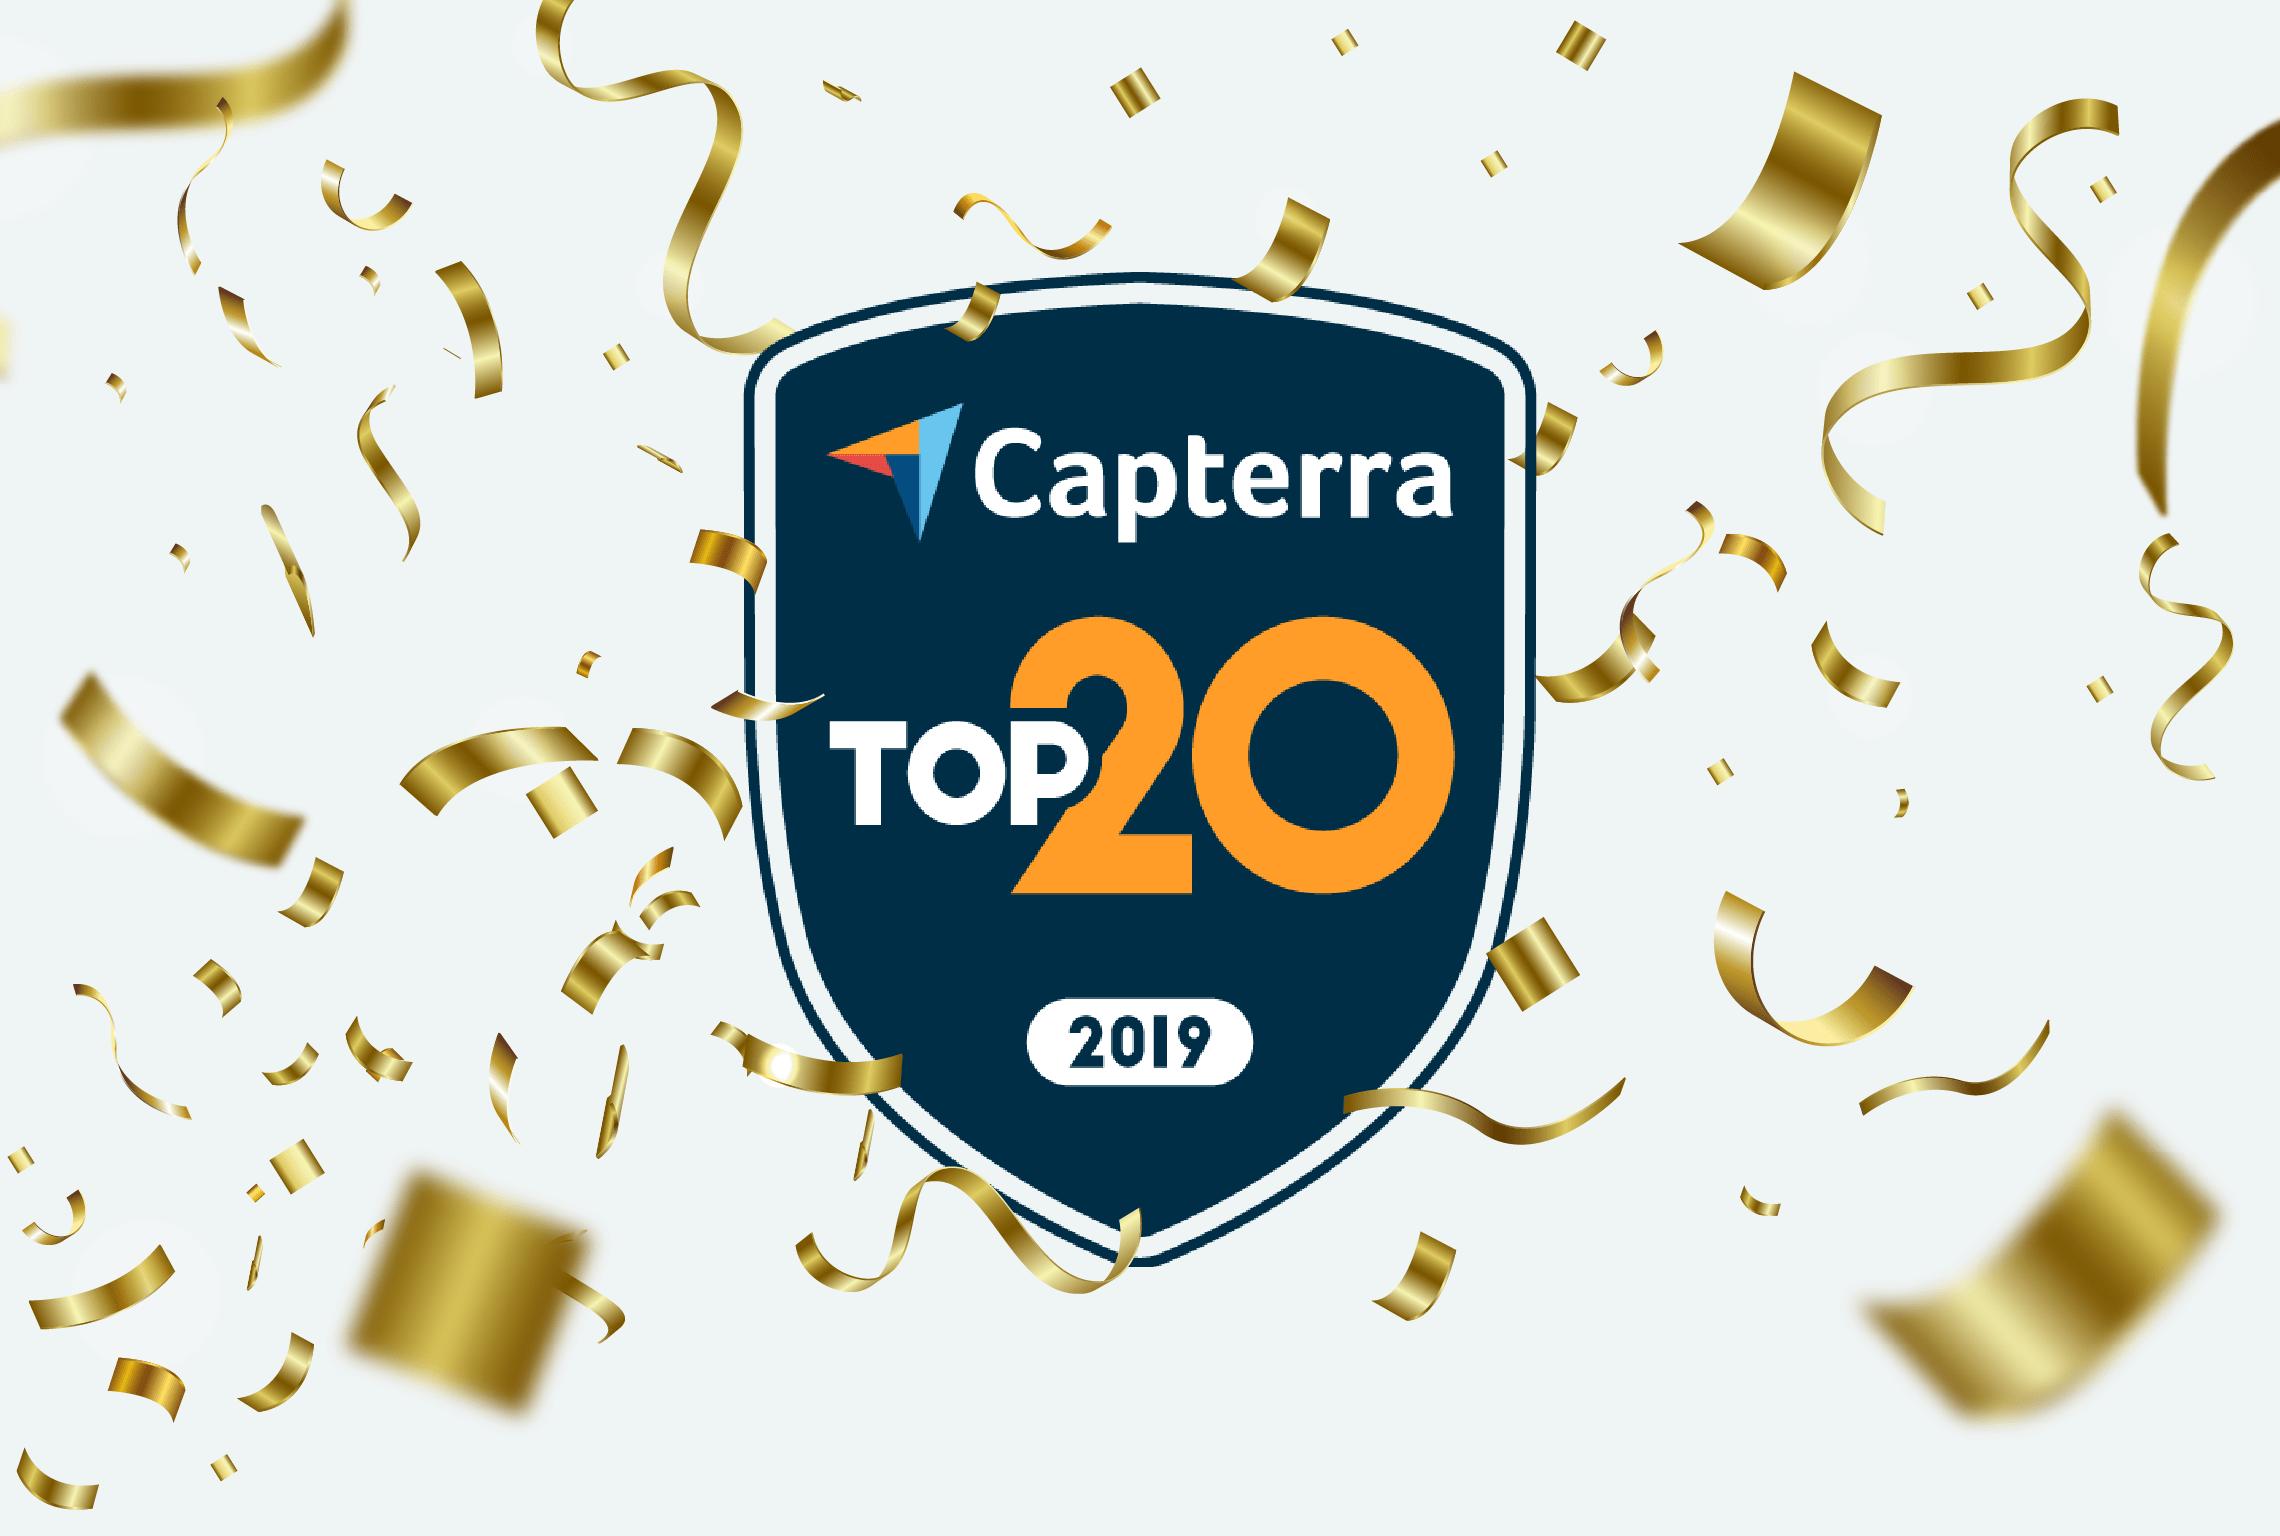 capterra top 20 crm report top 5 crms 2019